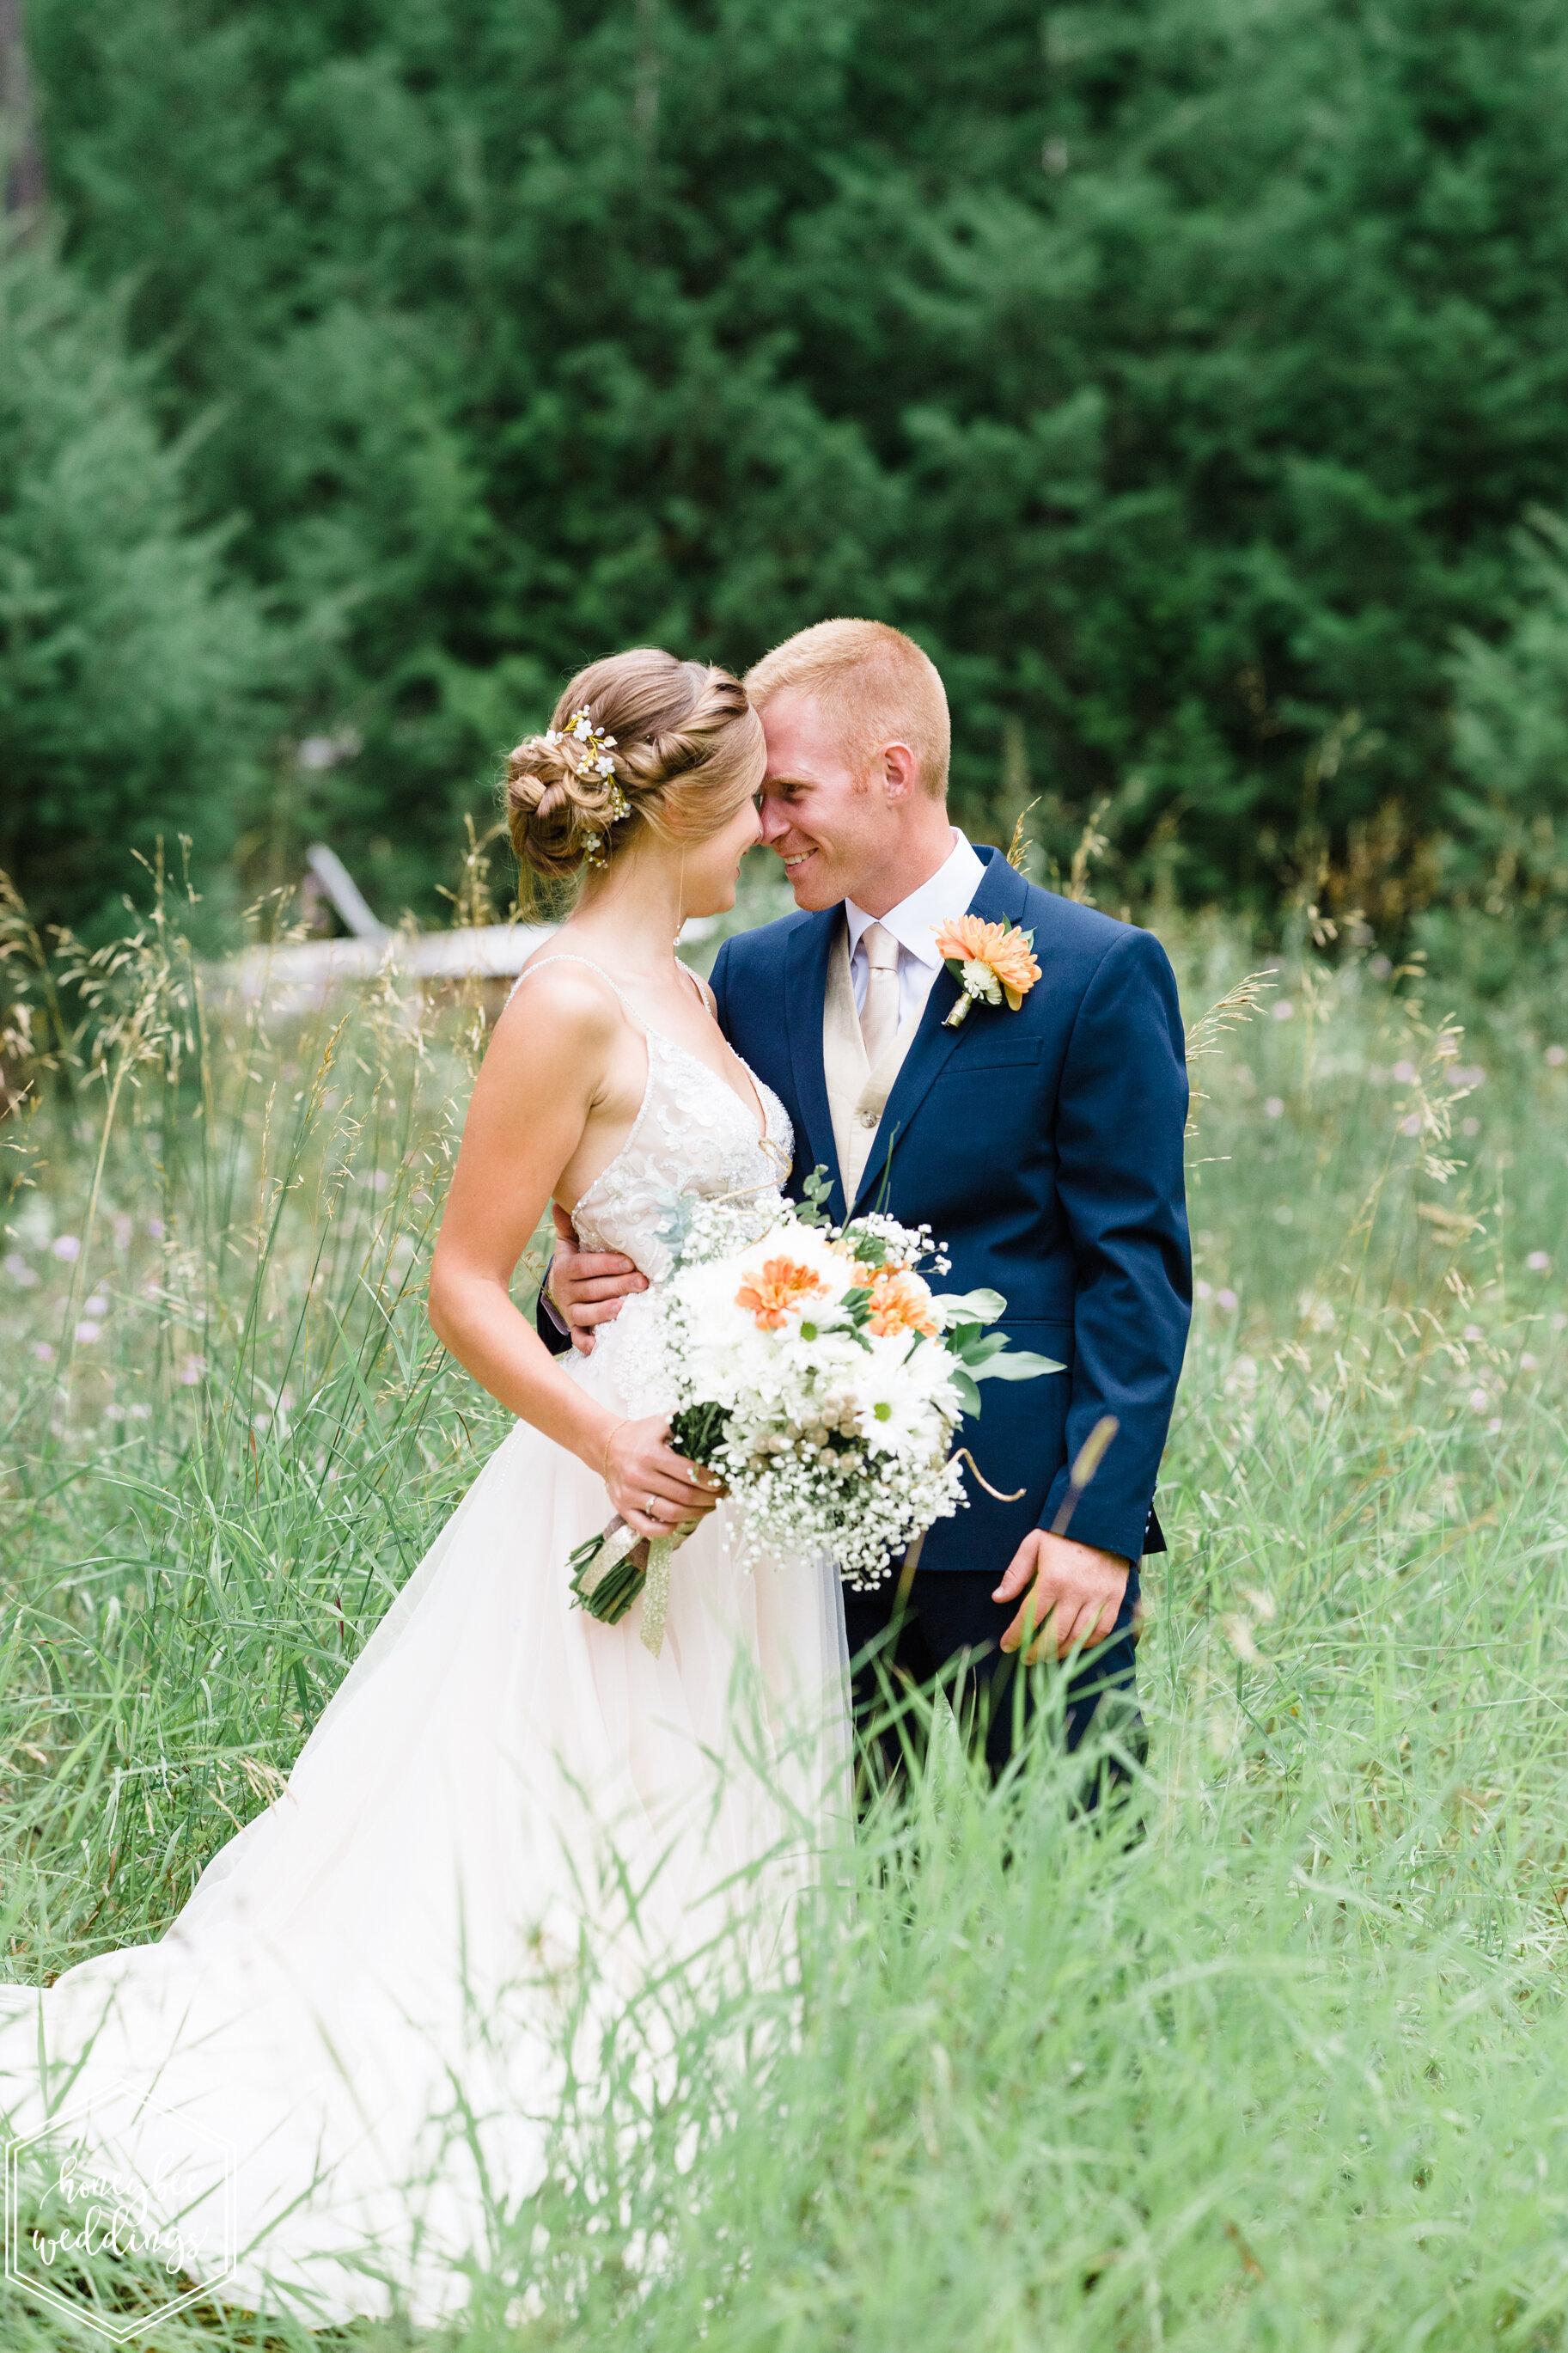 038Seven Mile Meadows Wedding_Montana Wedding Photographer_Jamie & Wes_Honeybee Weddings_September 07, 2019-1934.jpg